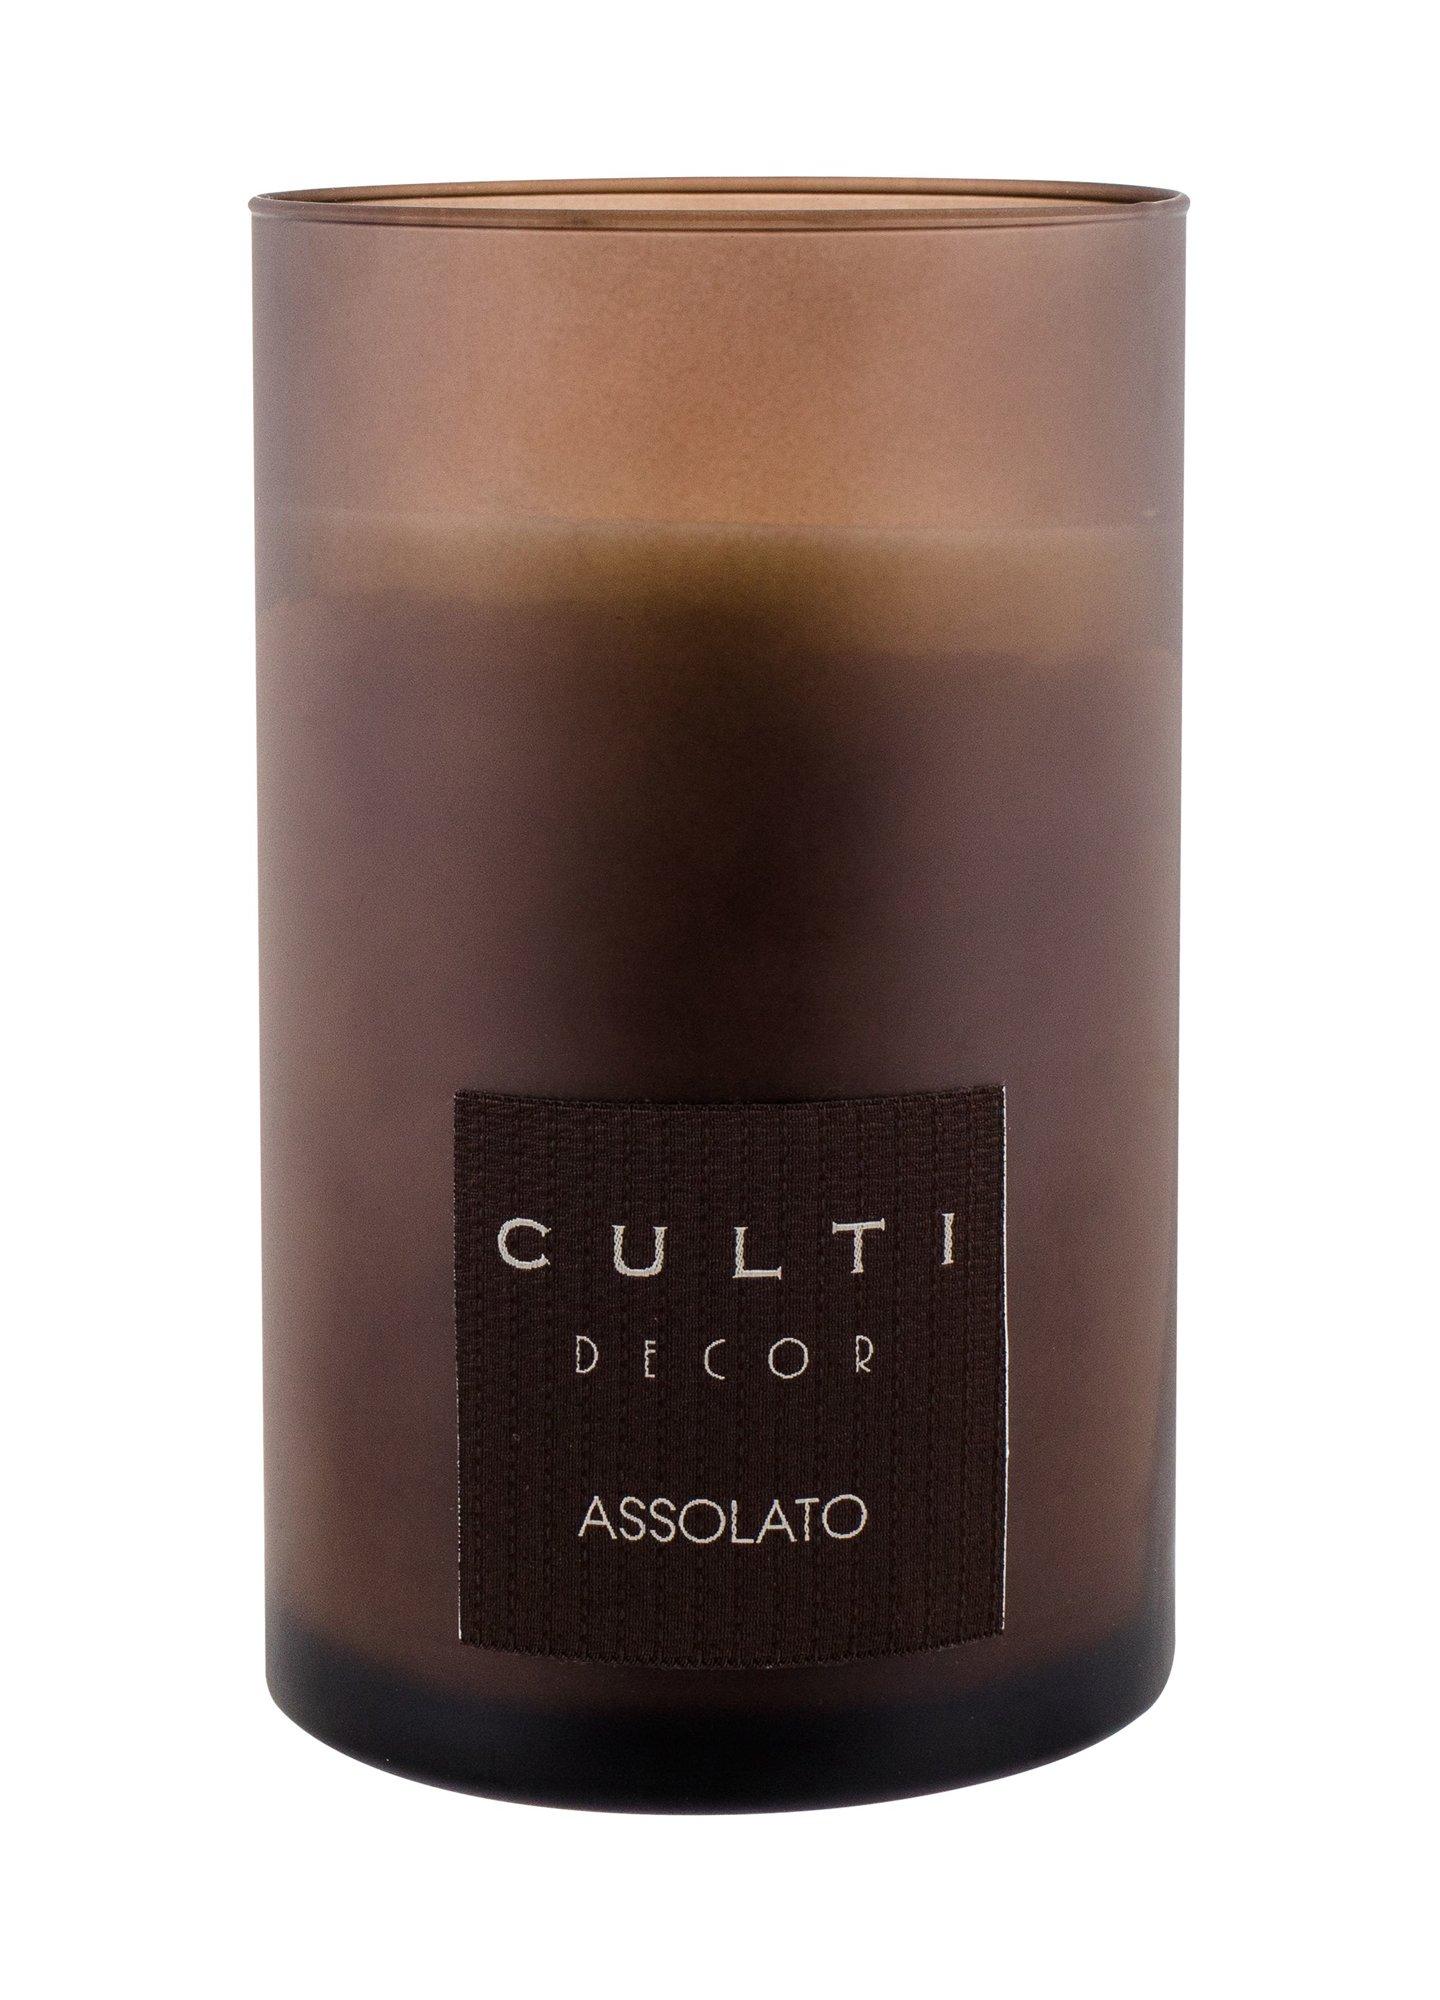 Culti Decor Assolato scented candle 1200ml